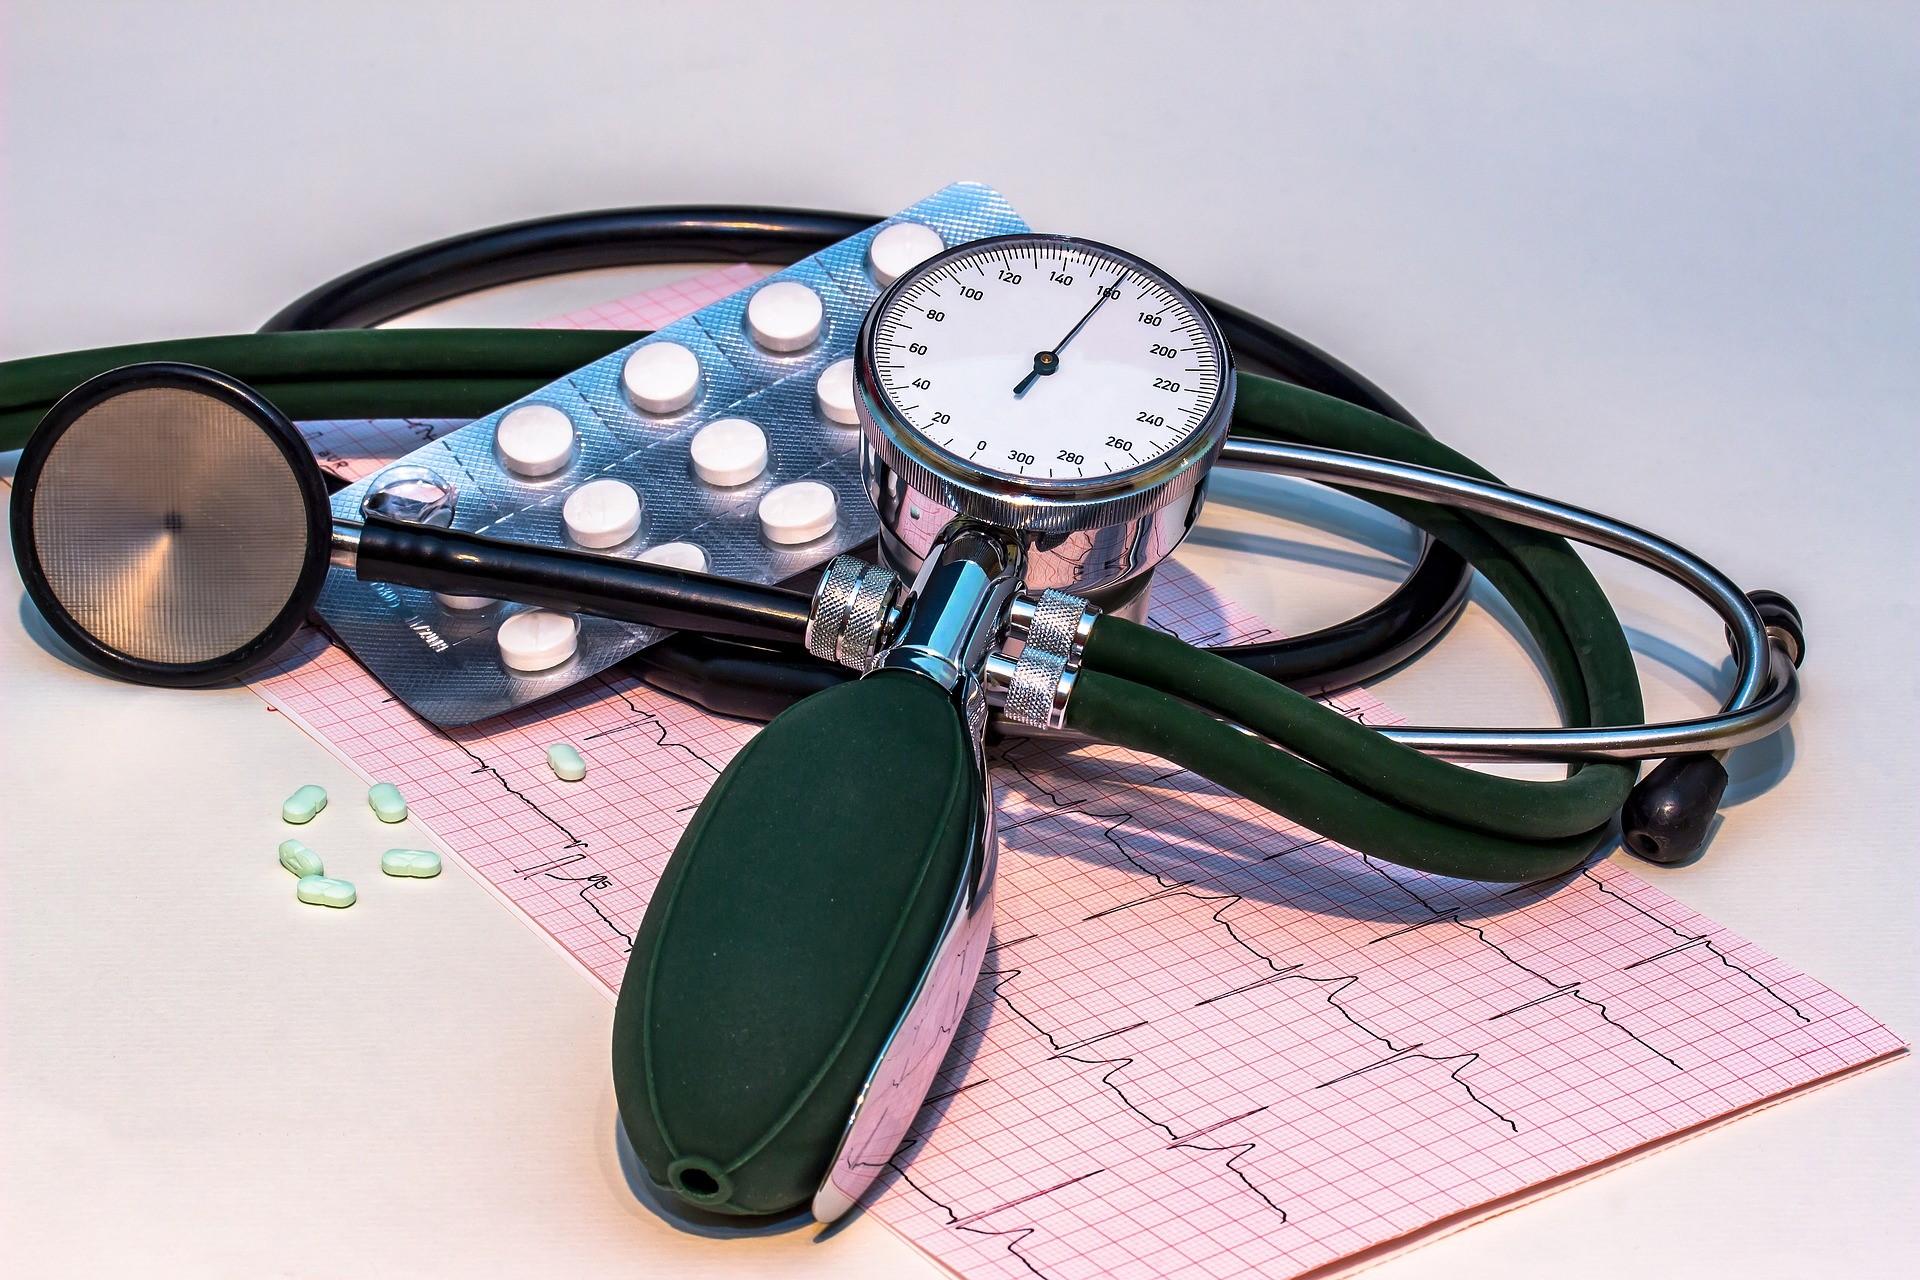 Hipotenzijos priežastys ir gydymas, būdingi simptomai, ligos peržiūra